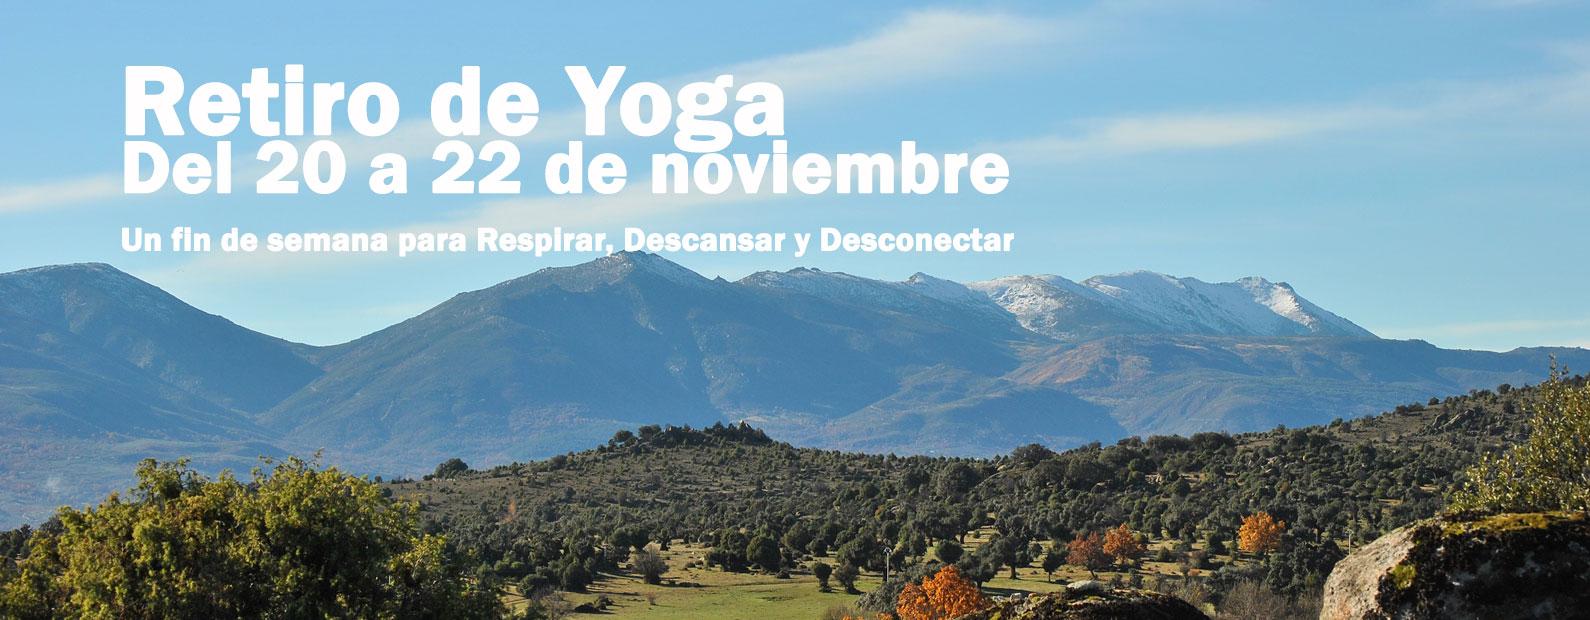 retiro yoga noviembre 2020